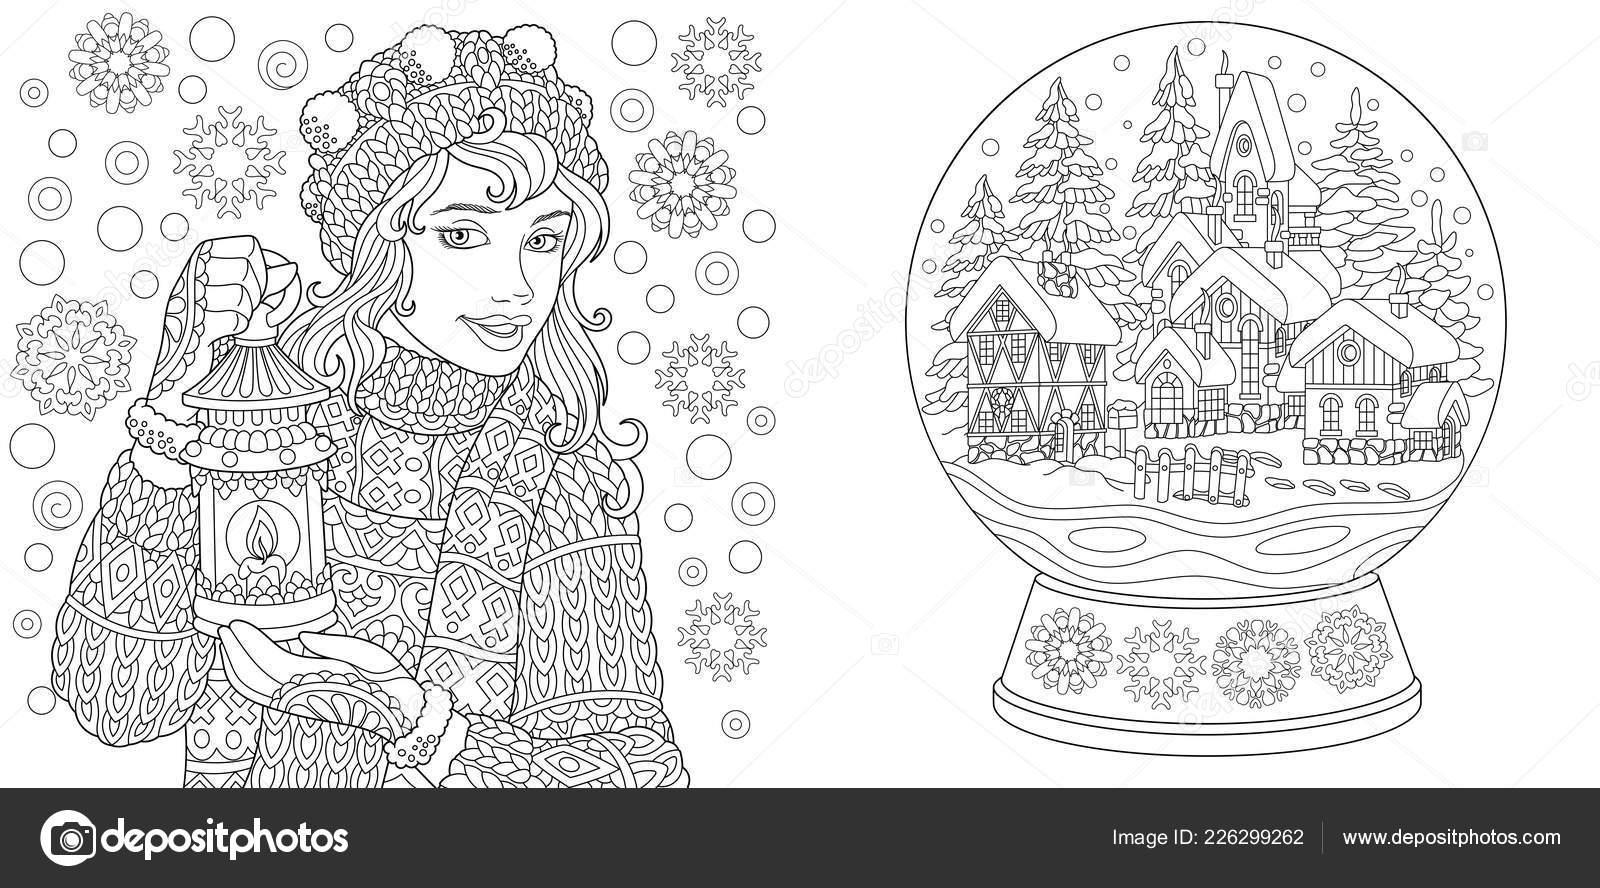 Malvorlagen Malbuch Für Erwachsene Ausmalbilder Mit Winter Mädchen